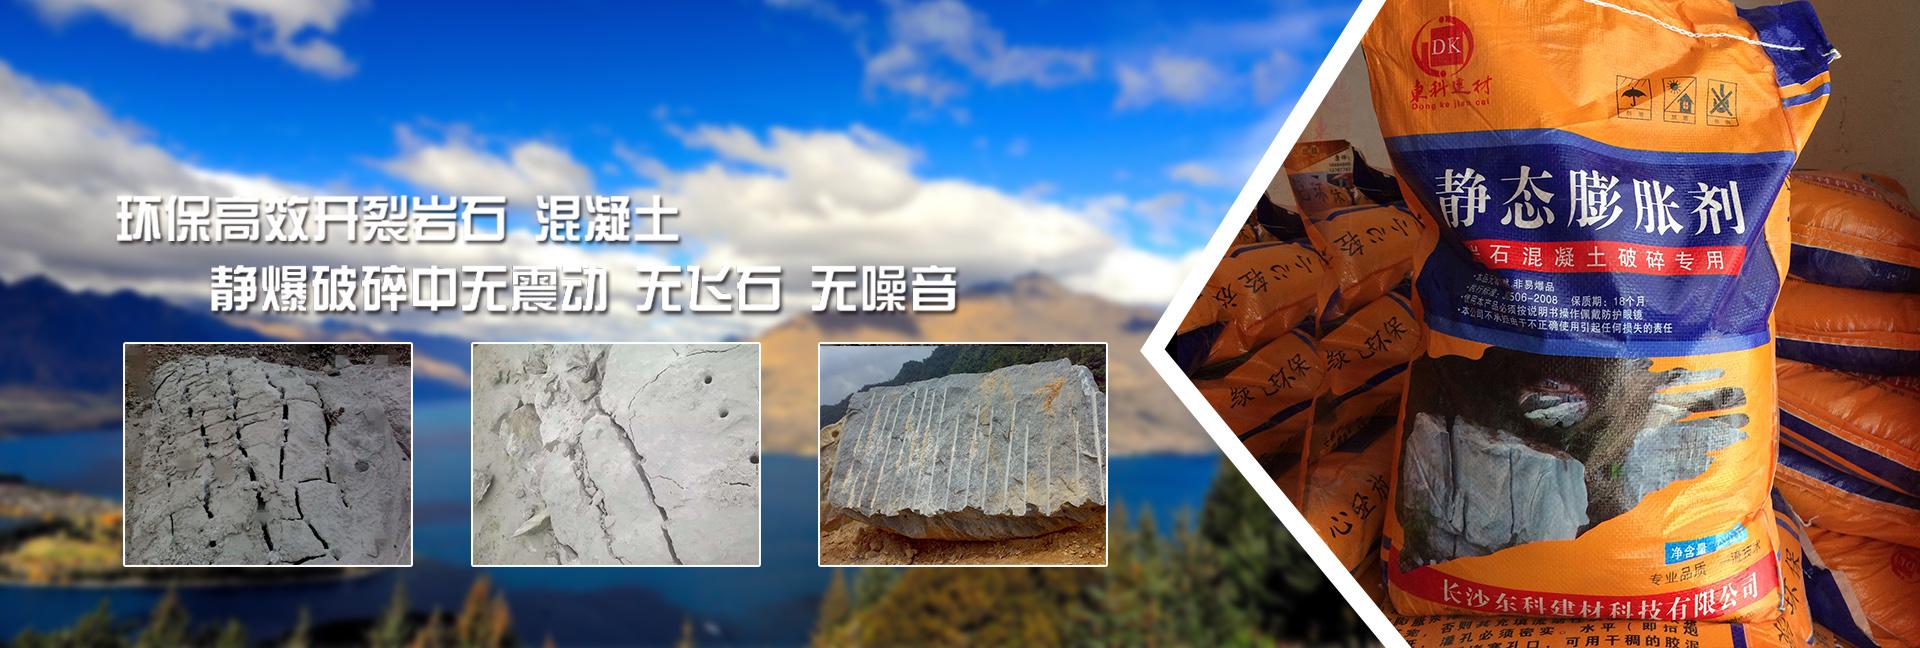 长沙bwin国际官方网站建材科技有限公司